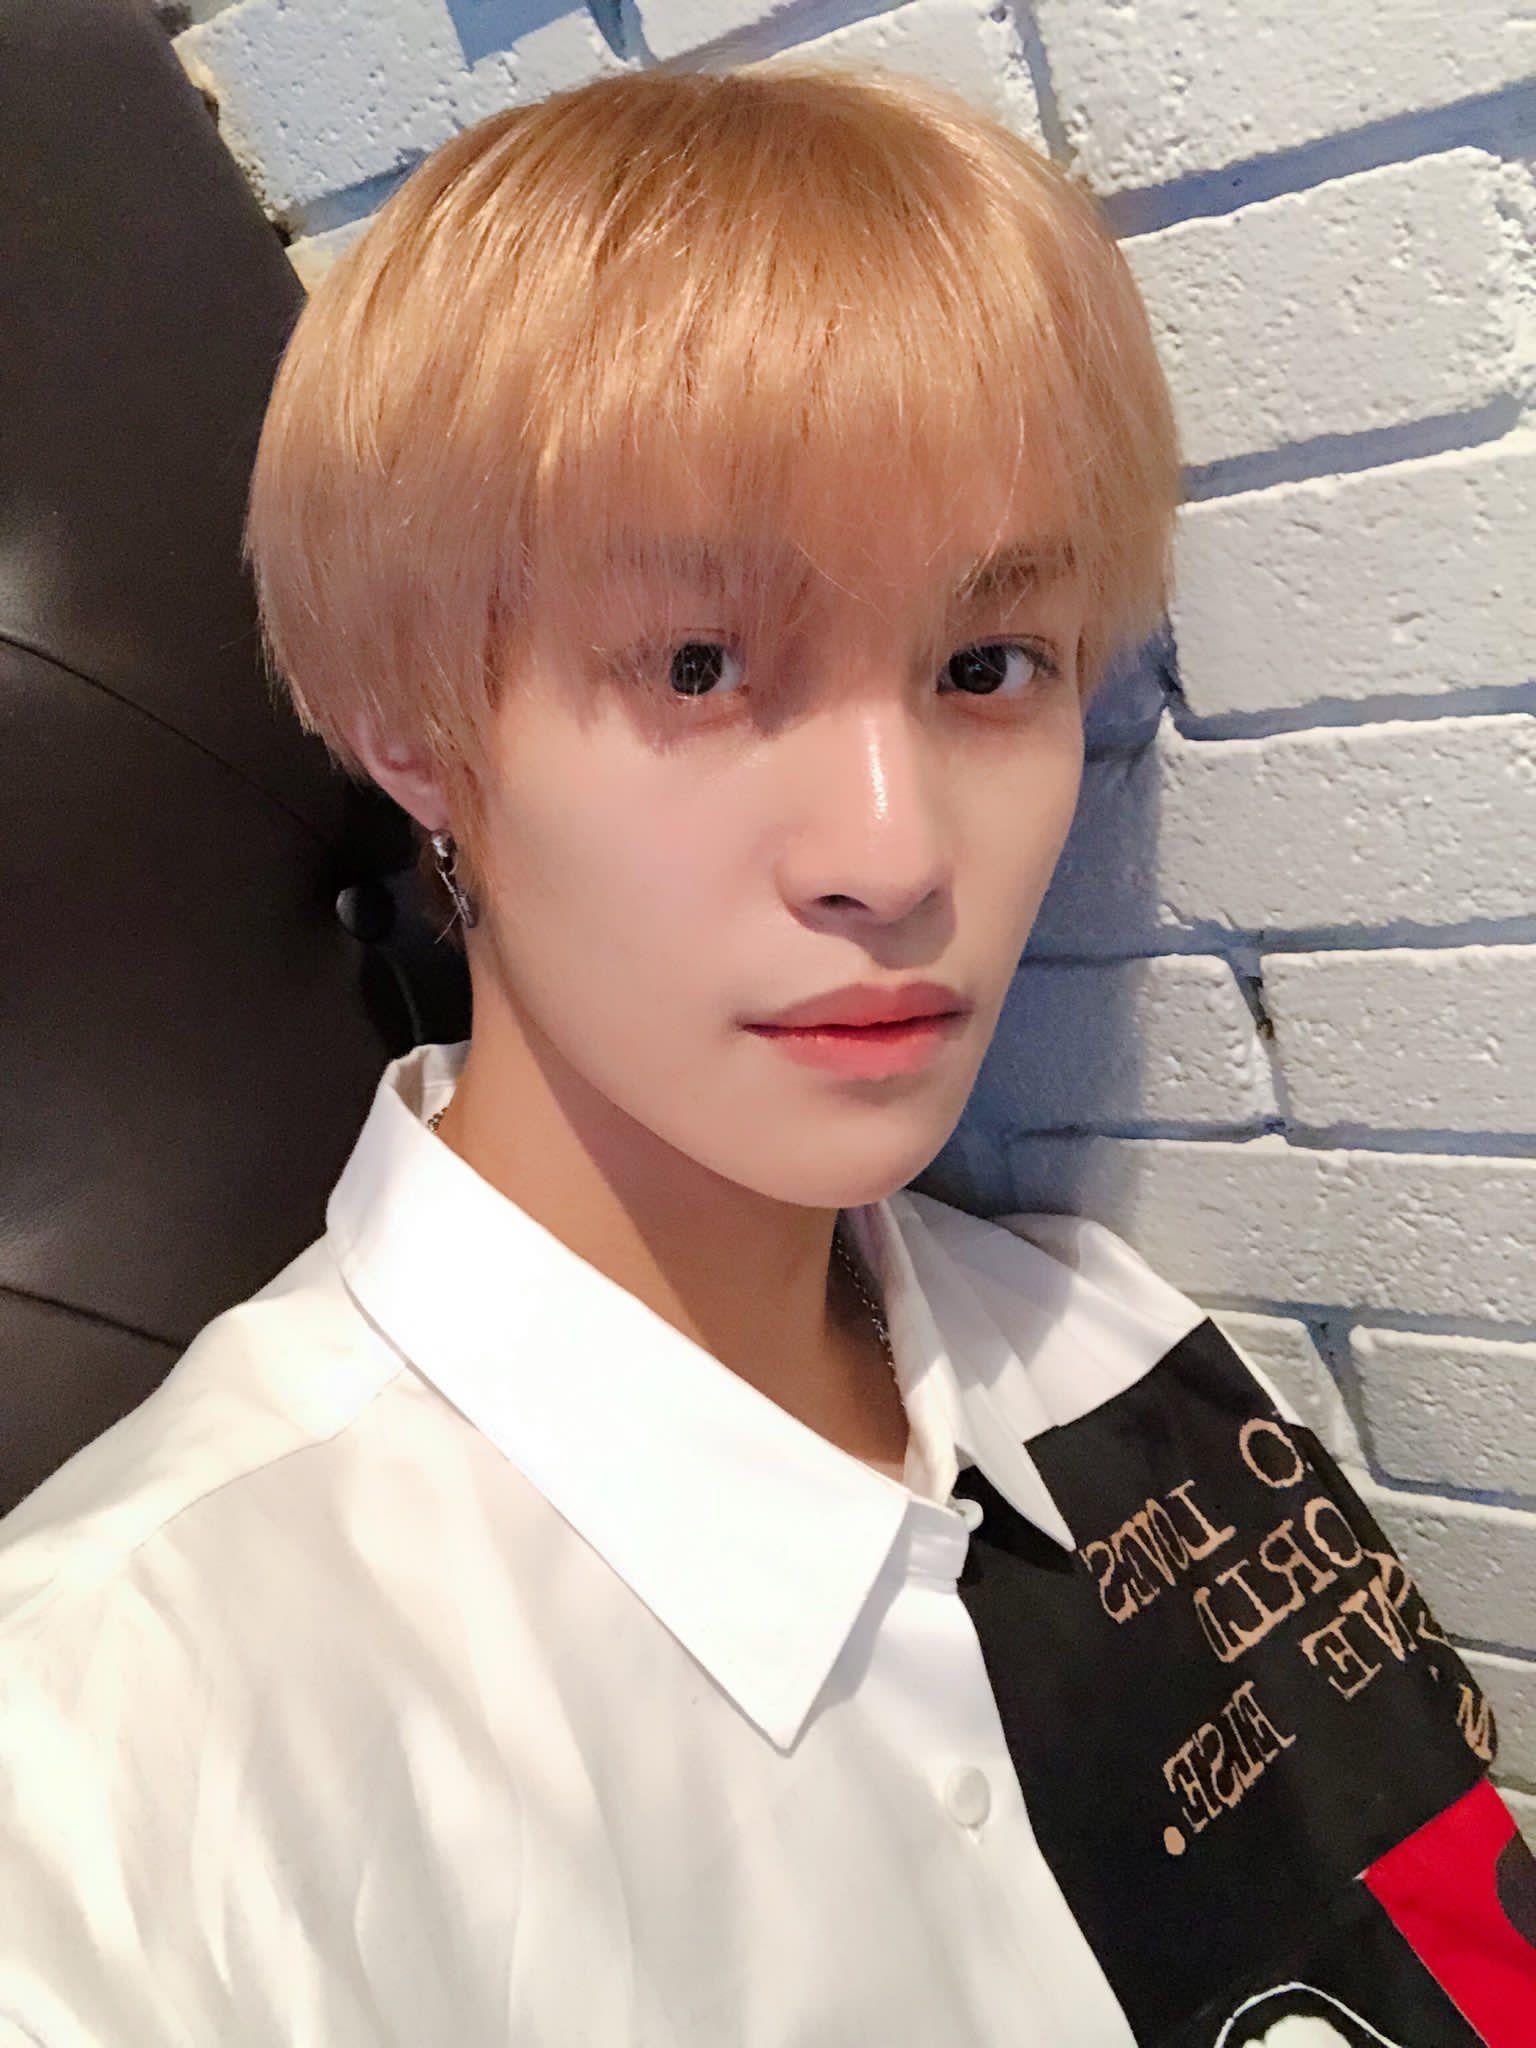 Nct Wayv Wayvcpop Weishenv Yangyang Liuyangyang Ryuyangyang Selfie Selca Blonde Whiteshirt 2019 Nct Gambar Entertainment